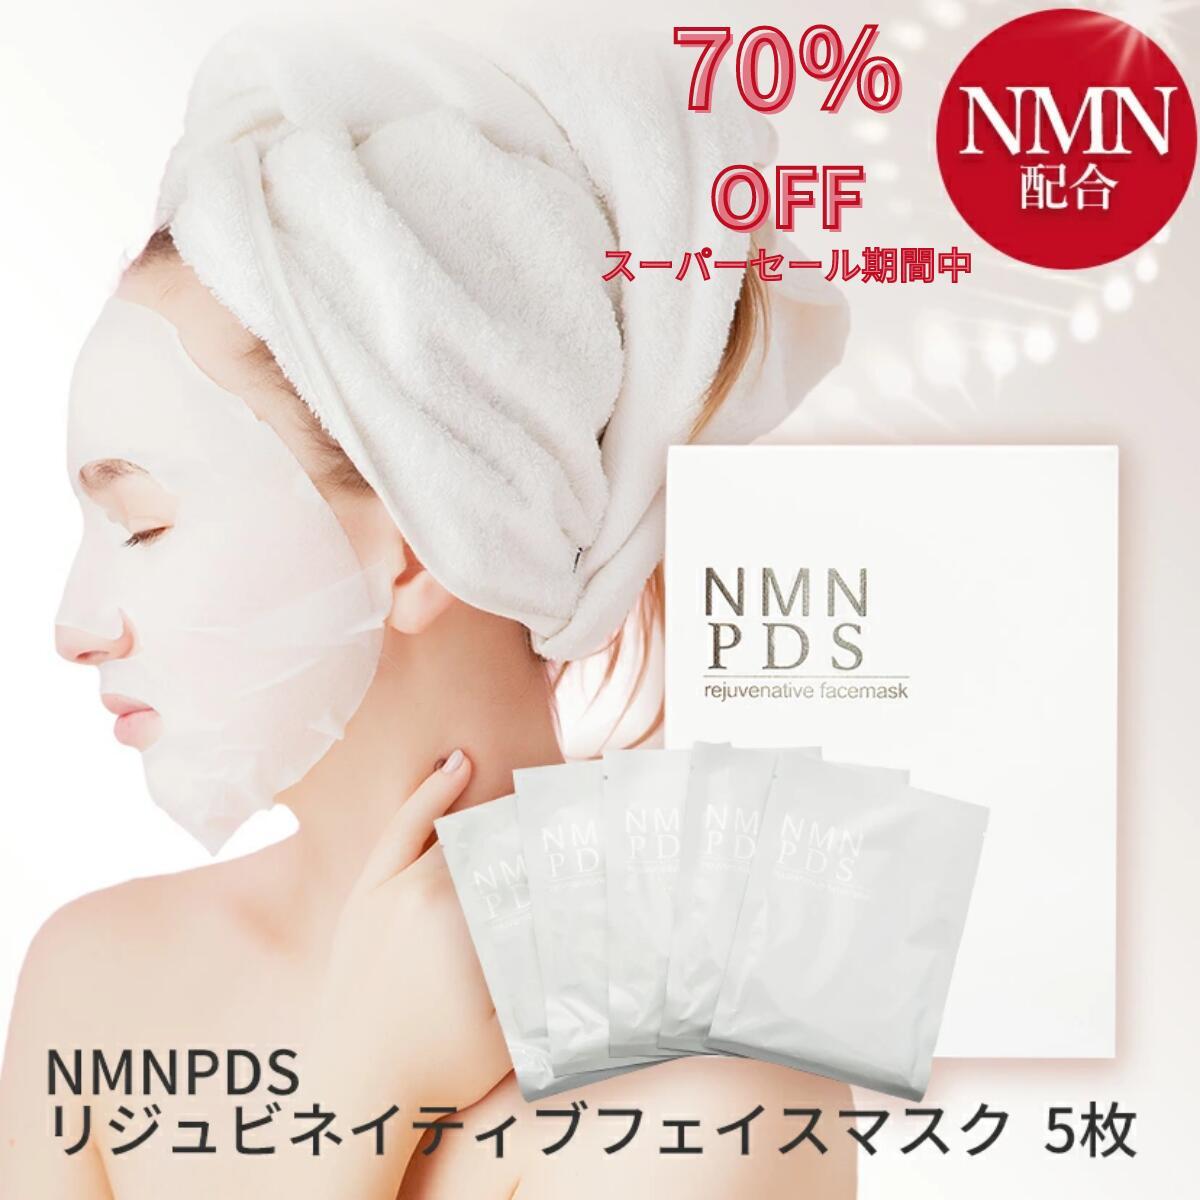 たるみ シミ ほうれい線 対策 はり 改善 コスメ 日本製 ナノ nmn 化粧品 ニコチンアミドモノヌクレオチド エイジングケア成分 フェイシャルパック 幹細胞 低価格 フェイスマスク 配合 NMN リジュビネイティブ 5枚入 シートマスク 未使用品 年齢肌に最適 スキンケア NMNPDS ギフト 保湿 対応可 乾燥 エイジングケア